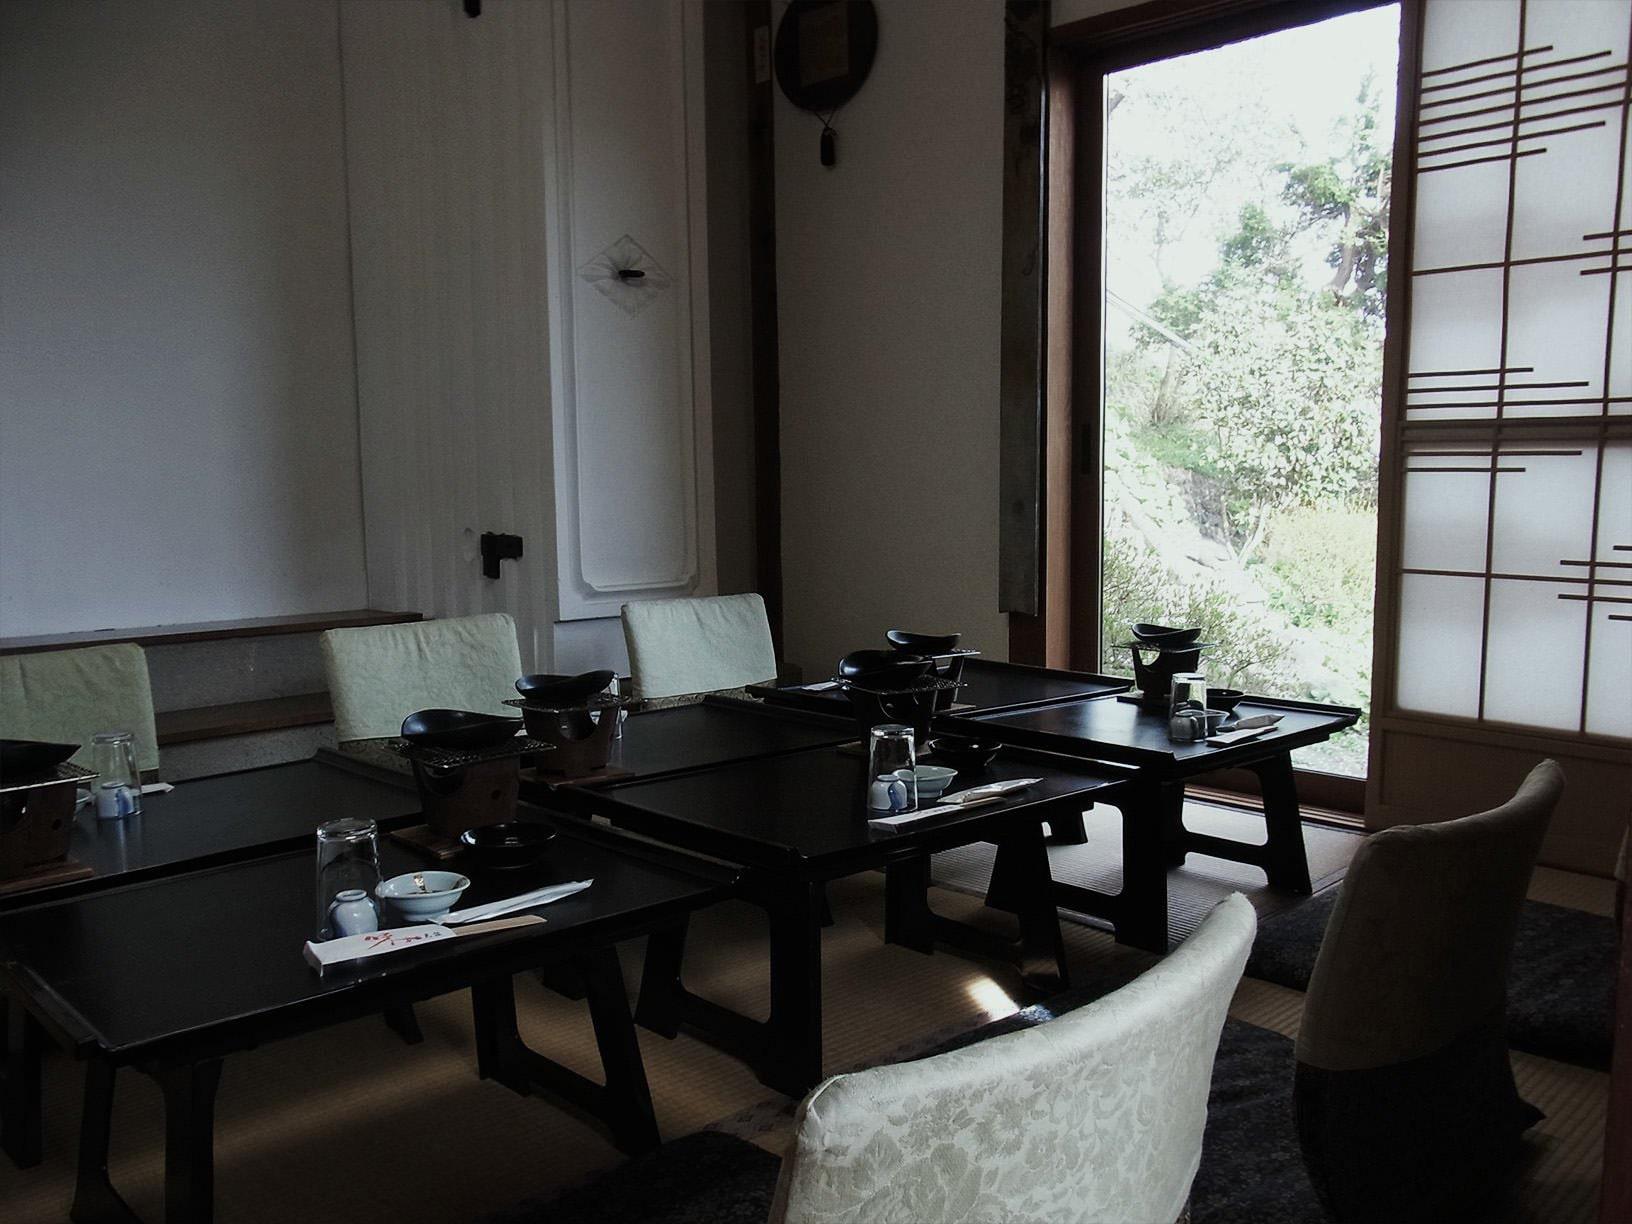 二階のお座敷は三方が大きな窓に囲まれています。東側からは四季を感じる中庭をご覧いただけ、また南側からは店名の由来でもある津軽富士を望むことができます。